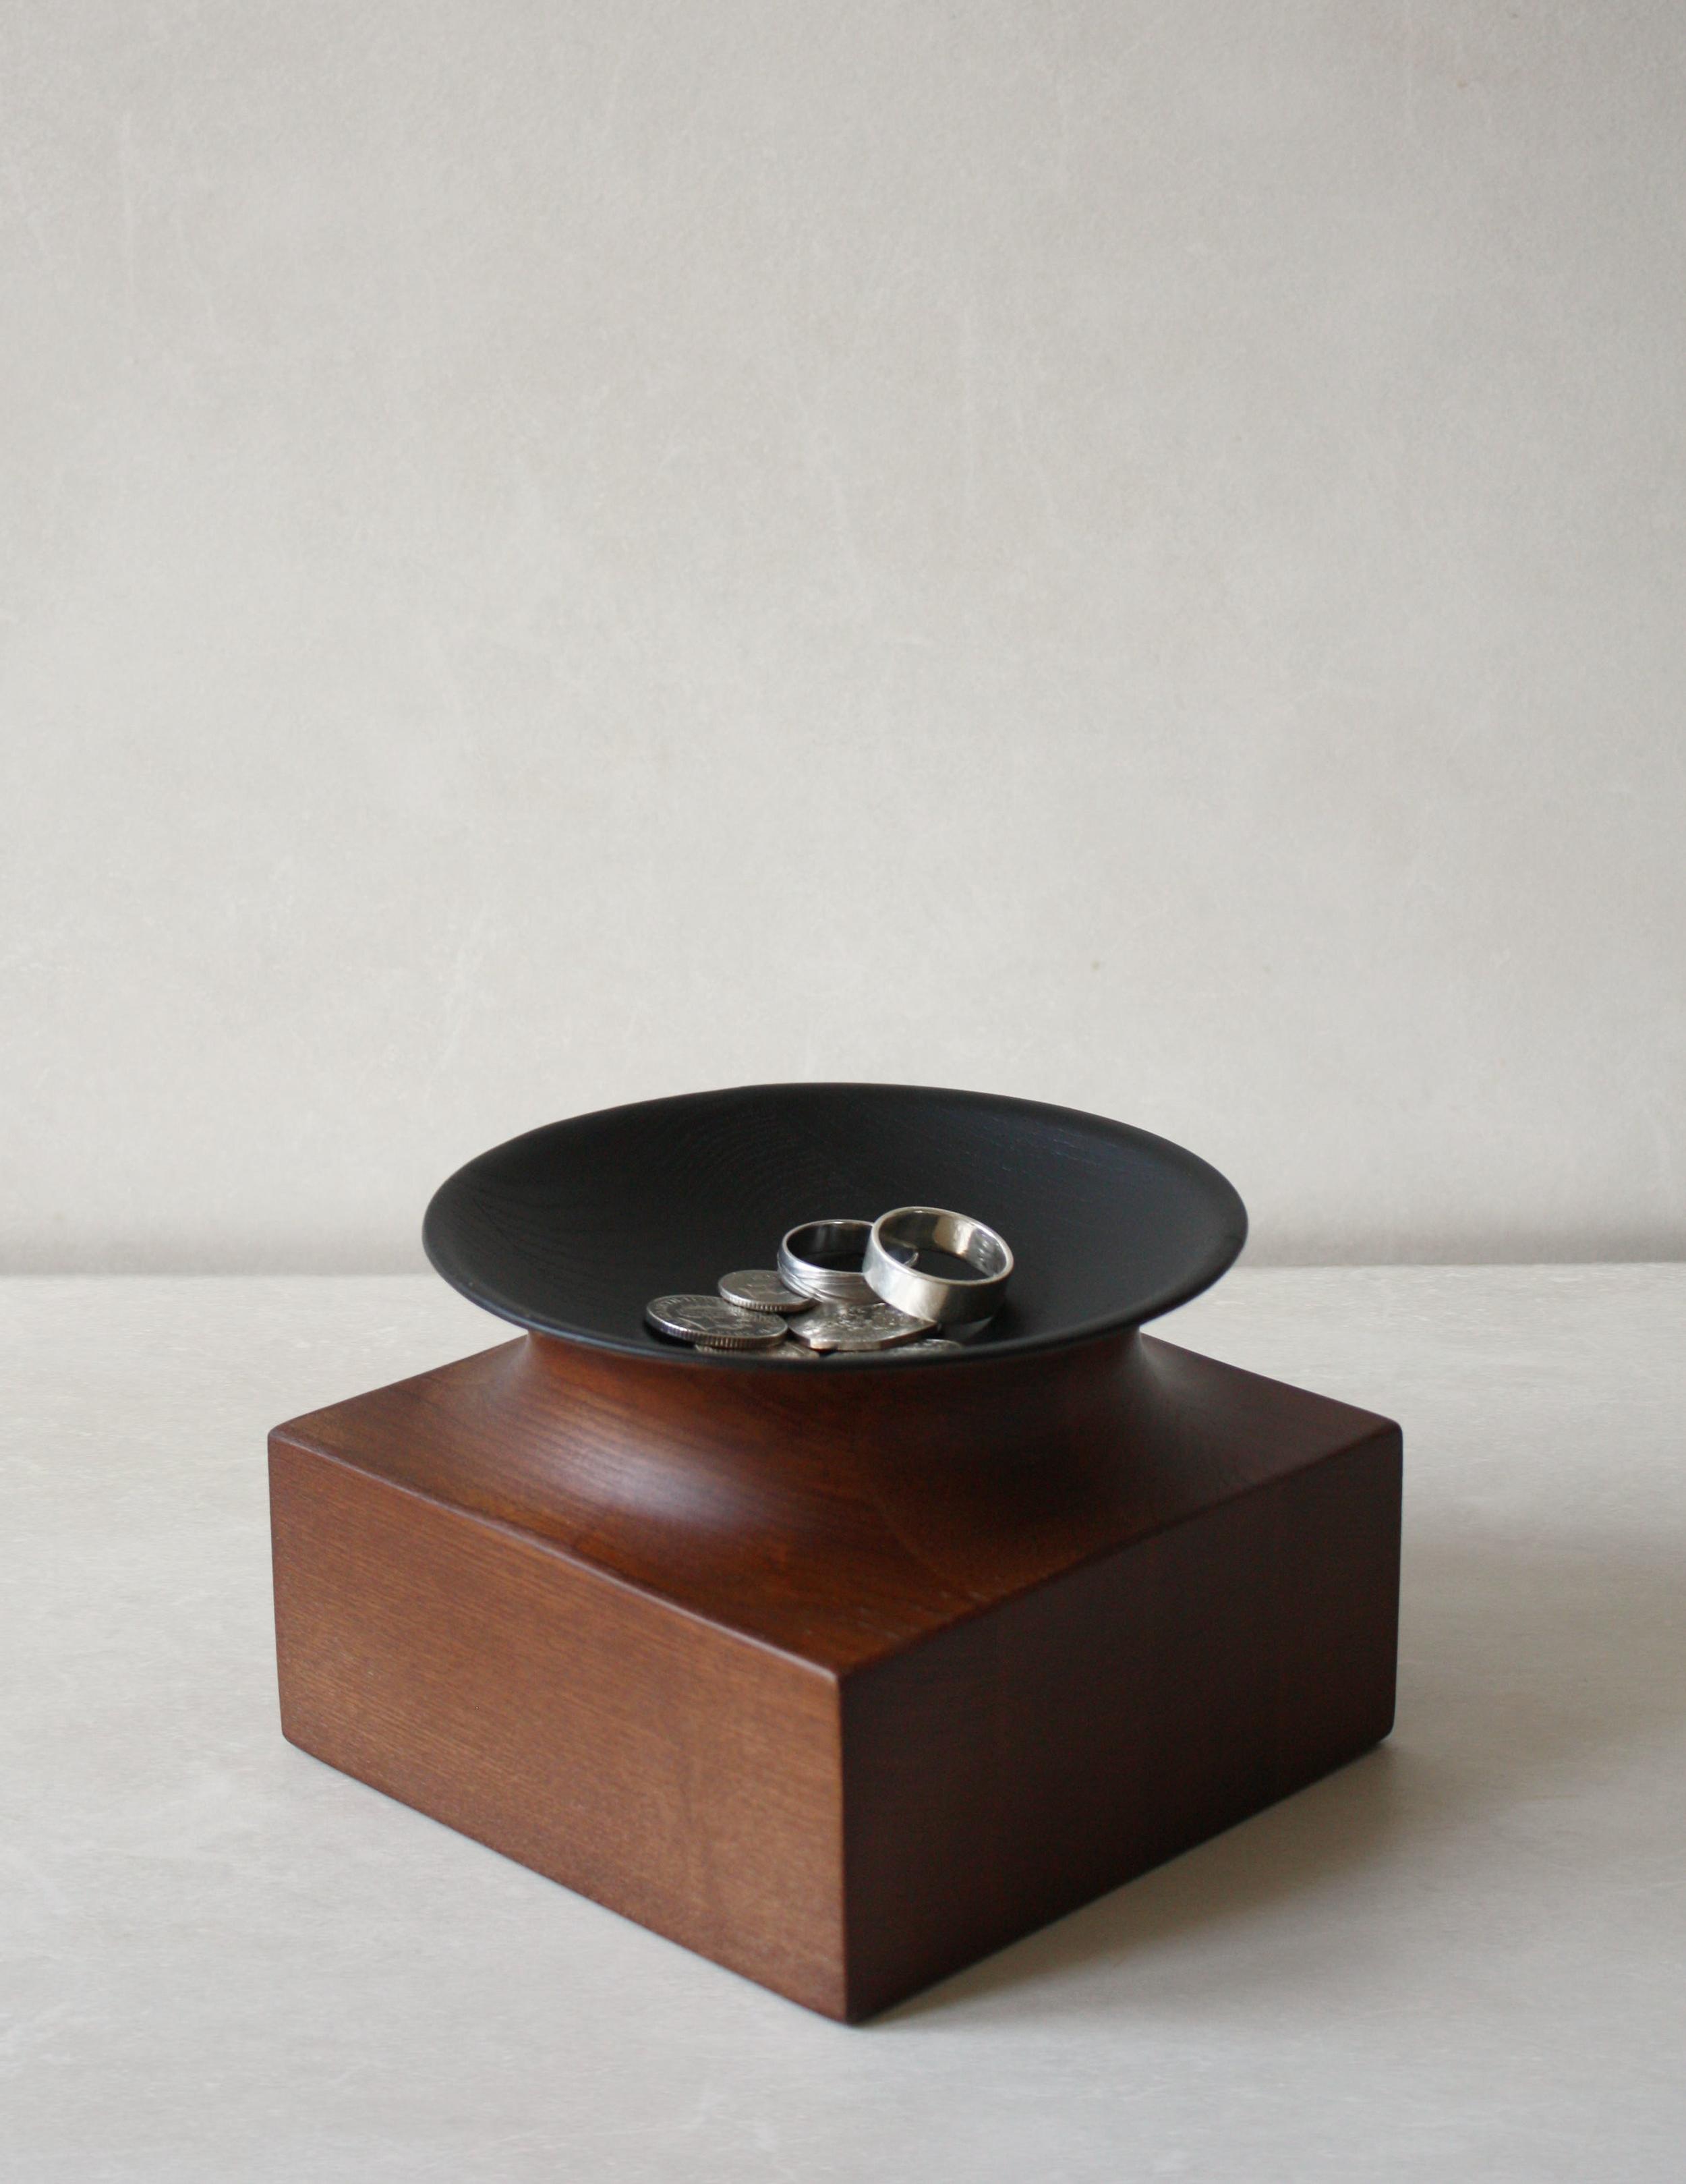 mathieu delacroix_tasso_bowls_03